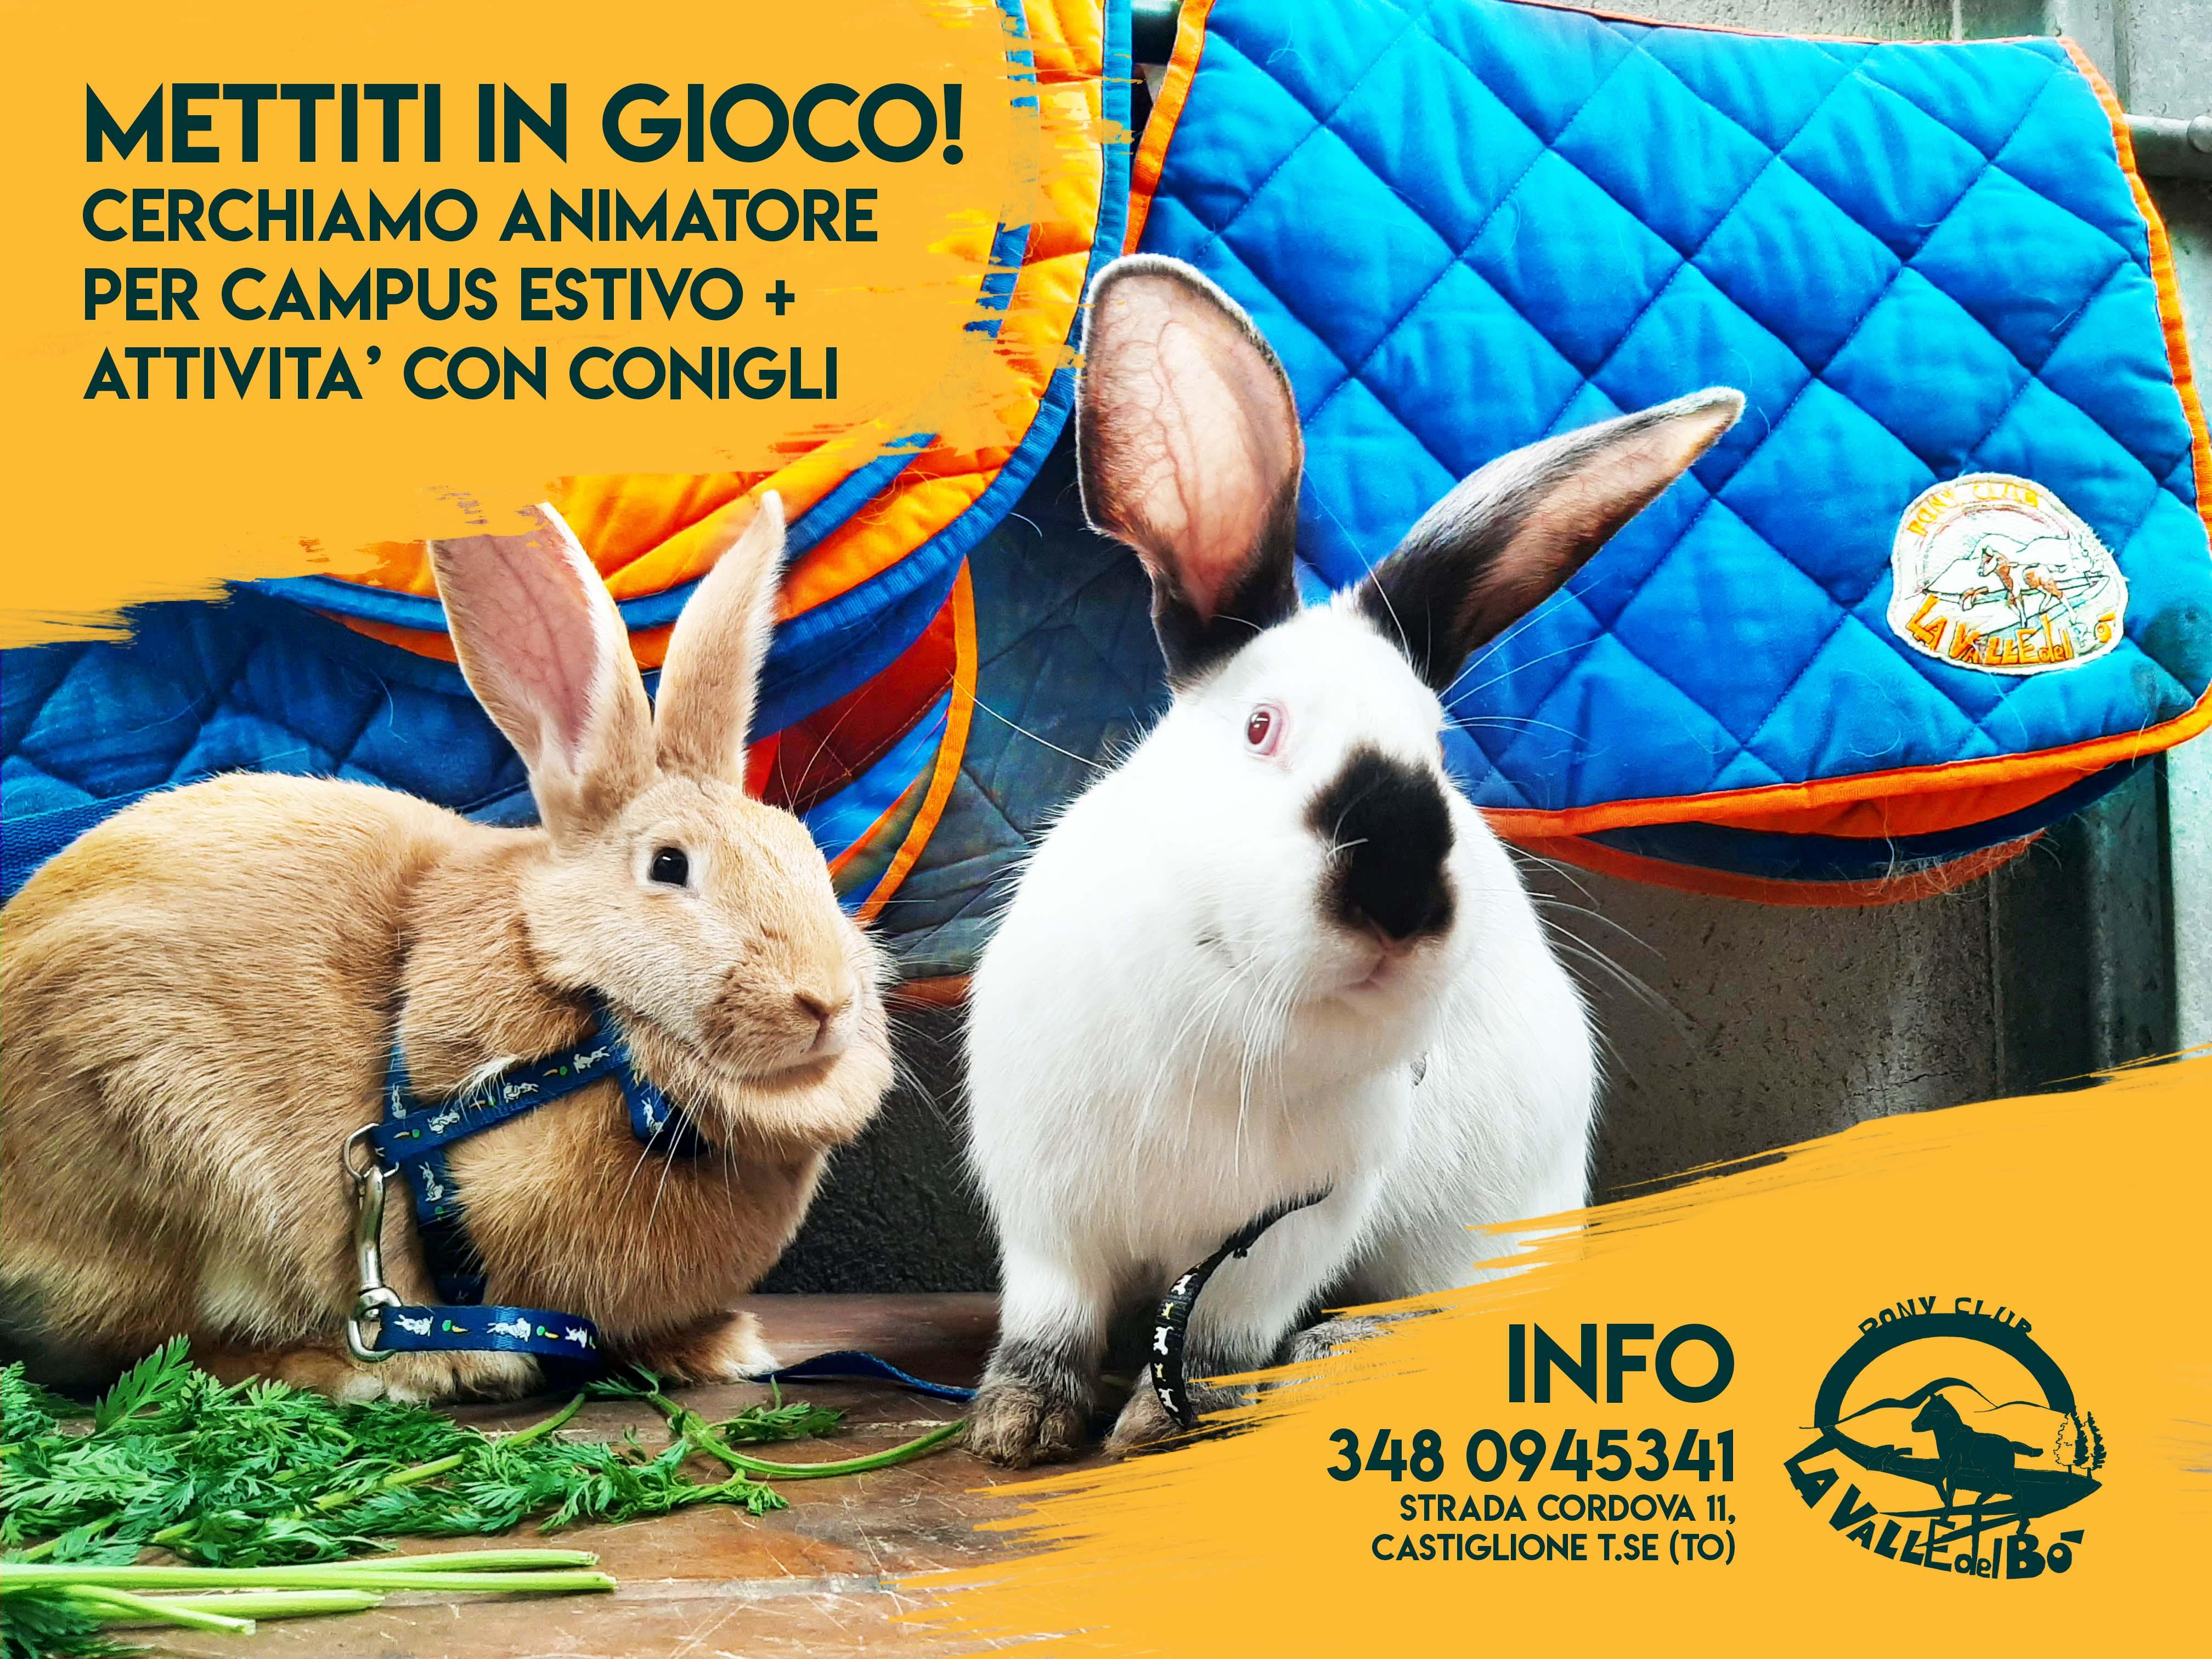 conigli-per-estate_01_2021-04-12